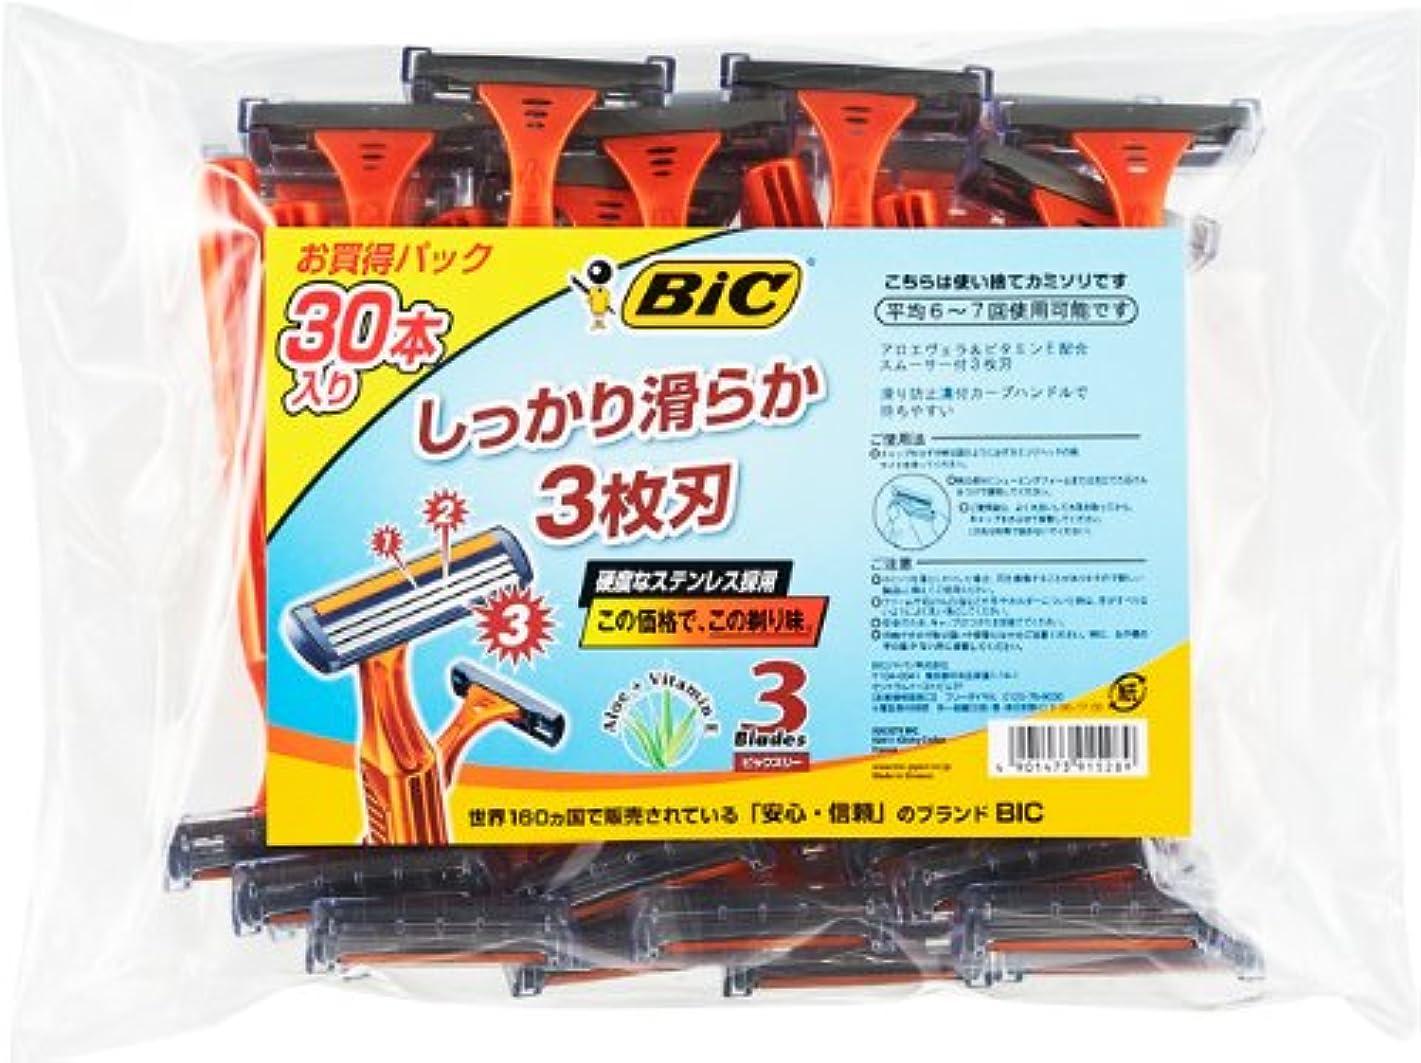 小切手極地裂け目ビック BIC BIC3 3枚刃 使い捨てカミソリ シェーバー ひげそり ディスポ 30本入